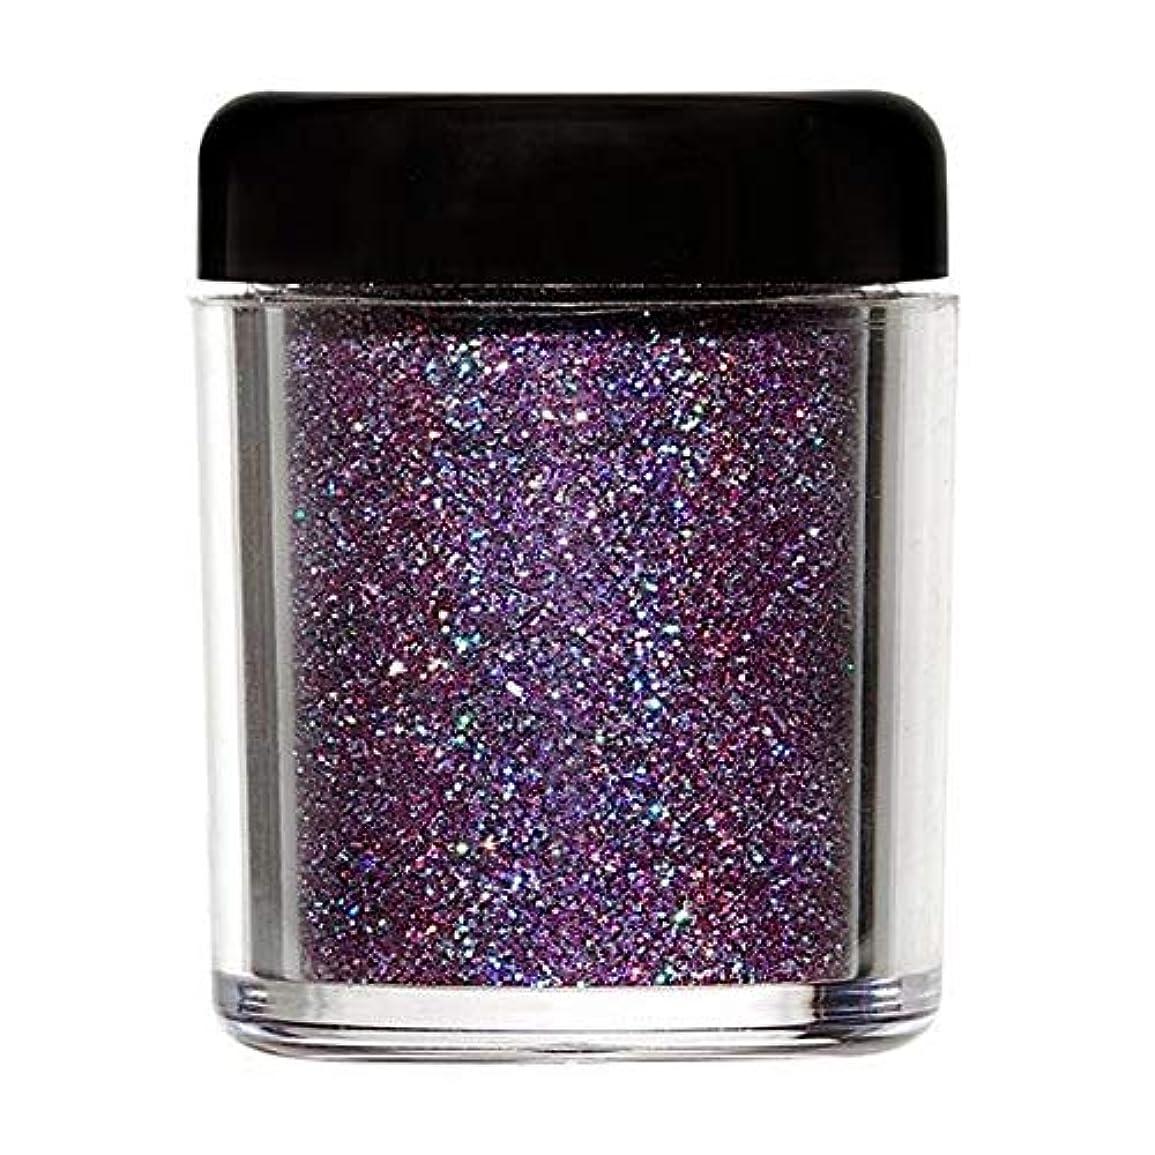 歴史的正しく規模[Barry M ] バリーメートルのグリッターラッシュボディの輝き - 紫外線 - Barry M Glitter Rush Body Glitter - Ultraviolet [並行輸入品]